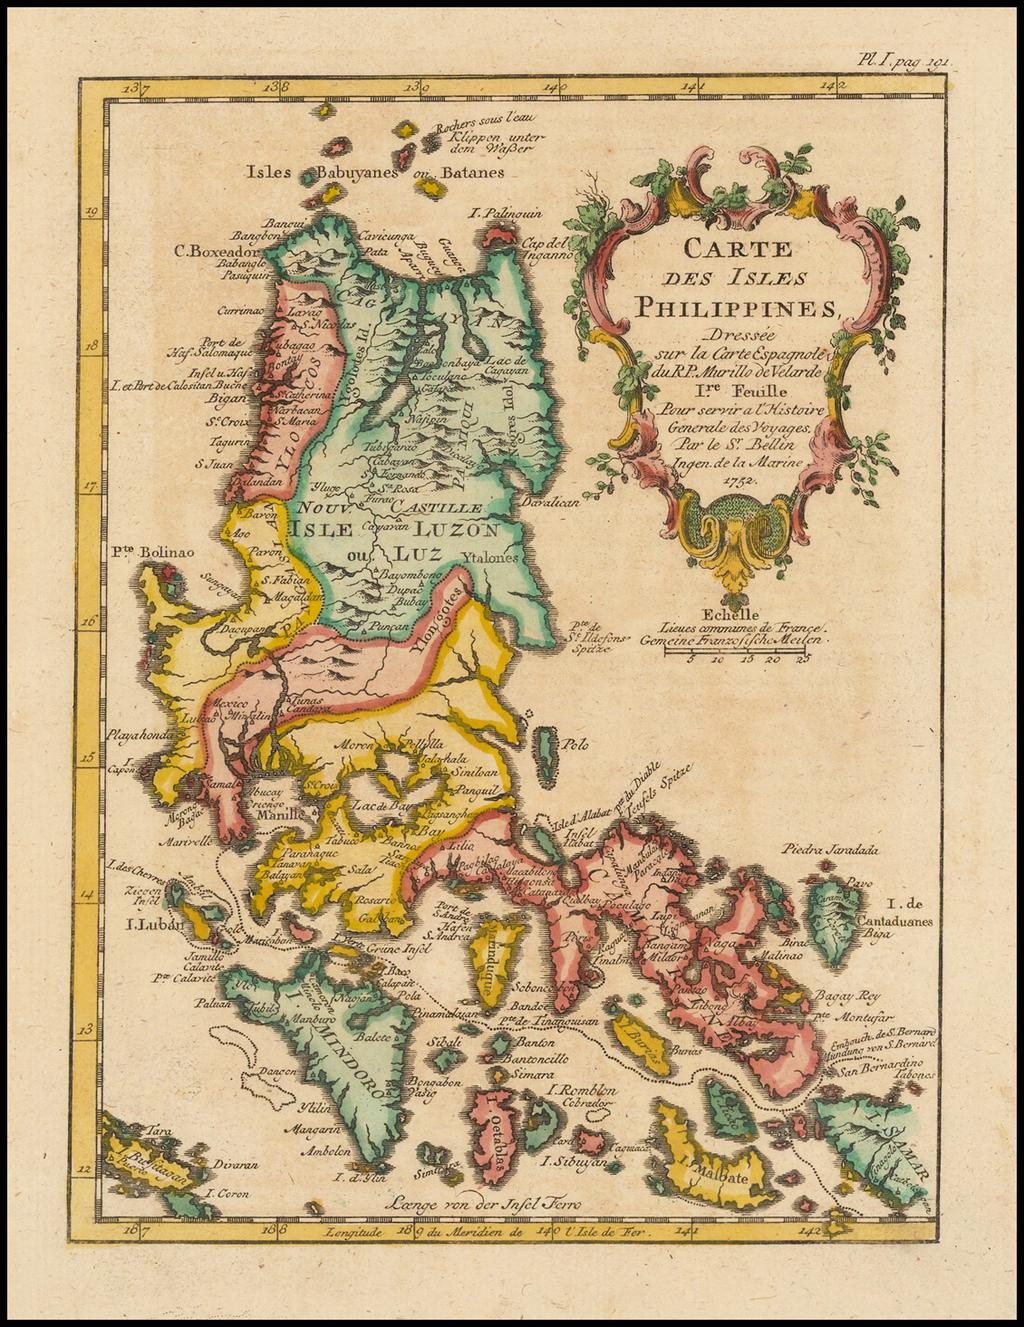 Carte Des Isles Philippines, Dressee sur la Carte Espagnole du R.P. Murillo de Velarde.  1re. Feuille . . . 1752 By Jacques Nicolas Bellin